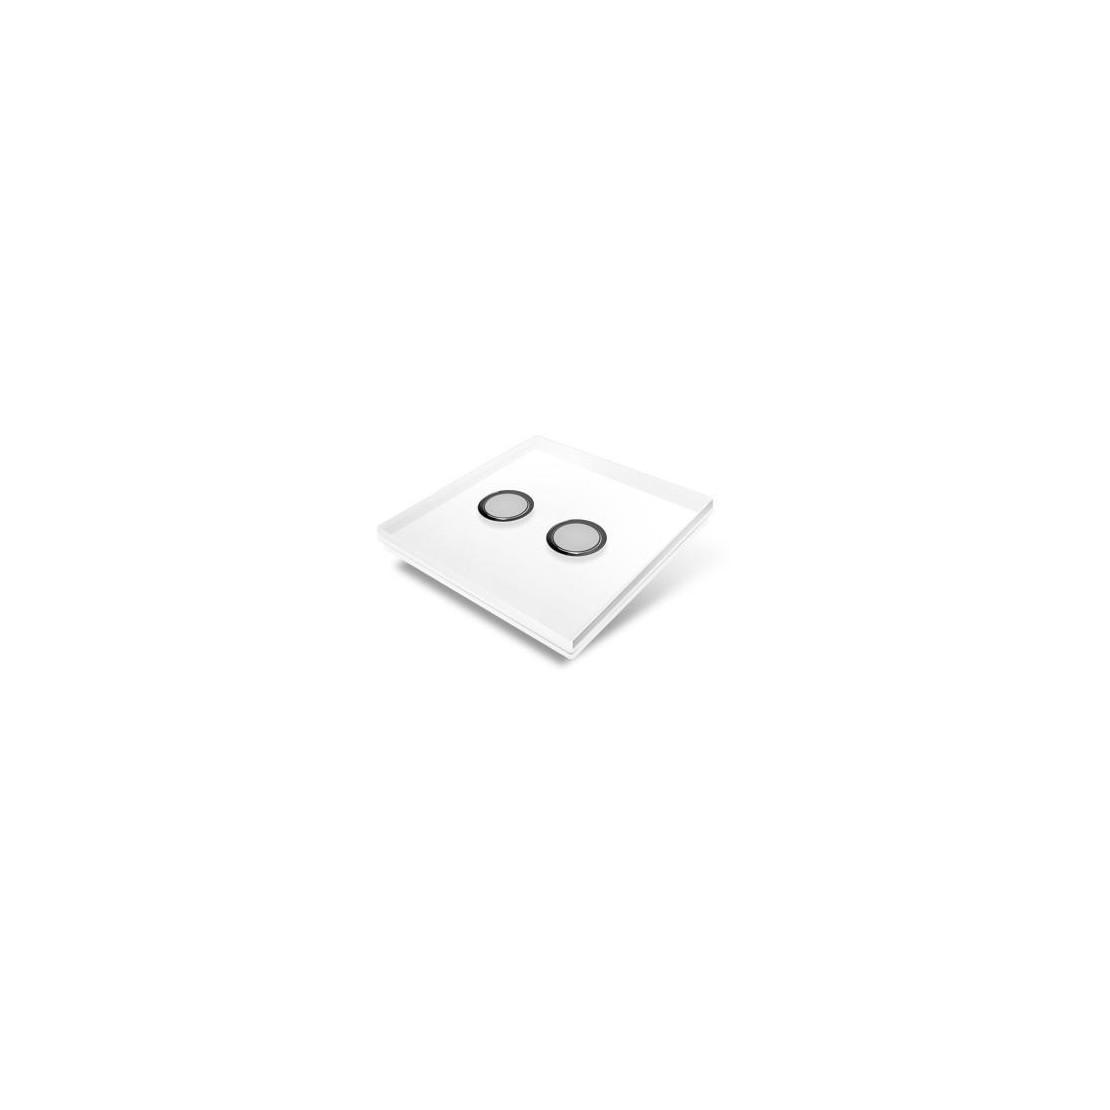 Afdekplaat voor Edisio-schakelaar - glas, wit